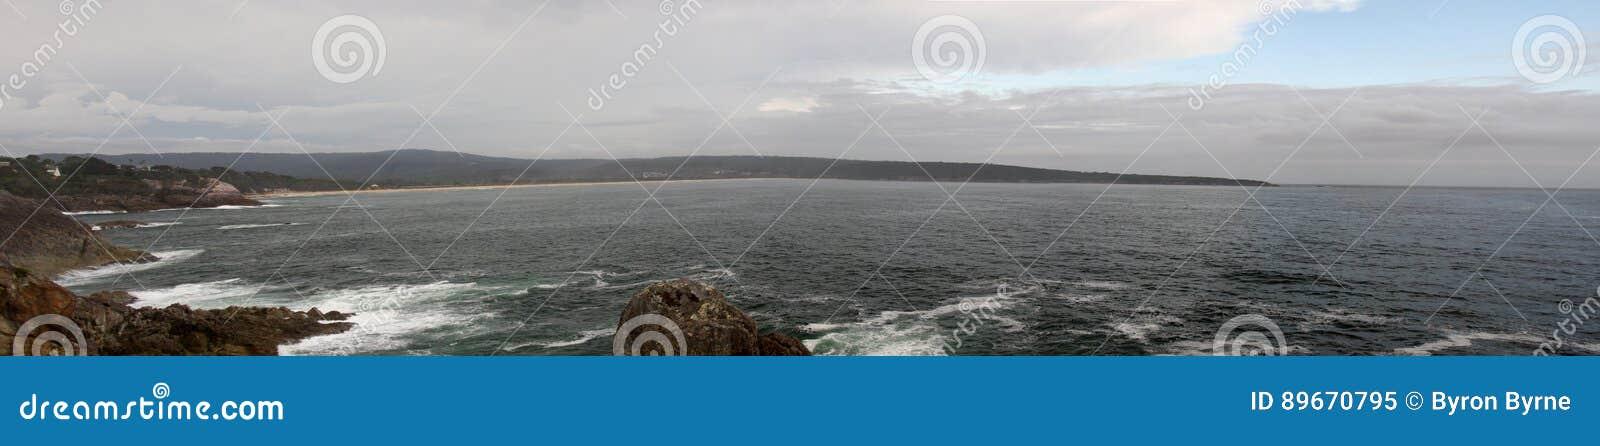 Panorama van Eden-haveningang